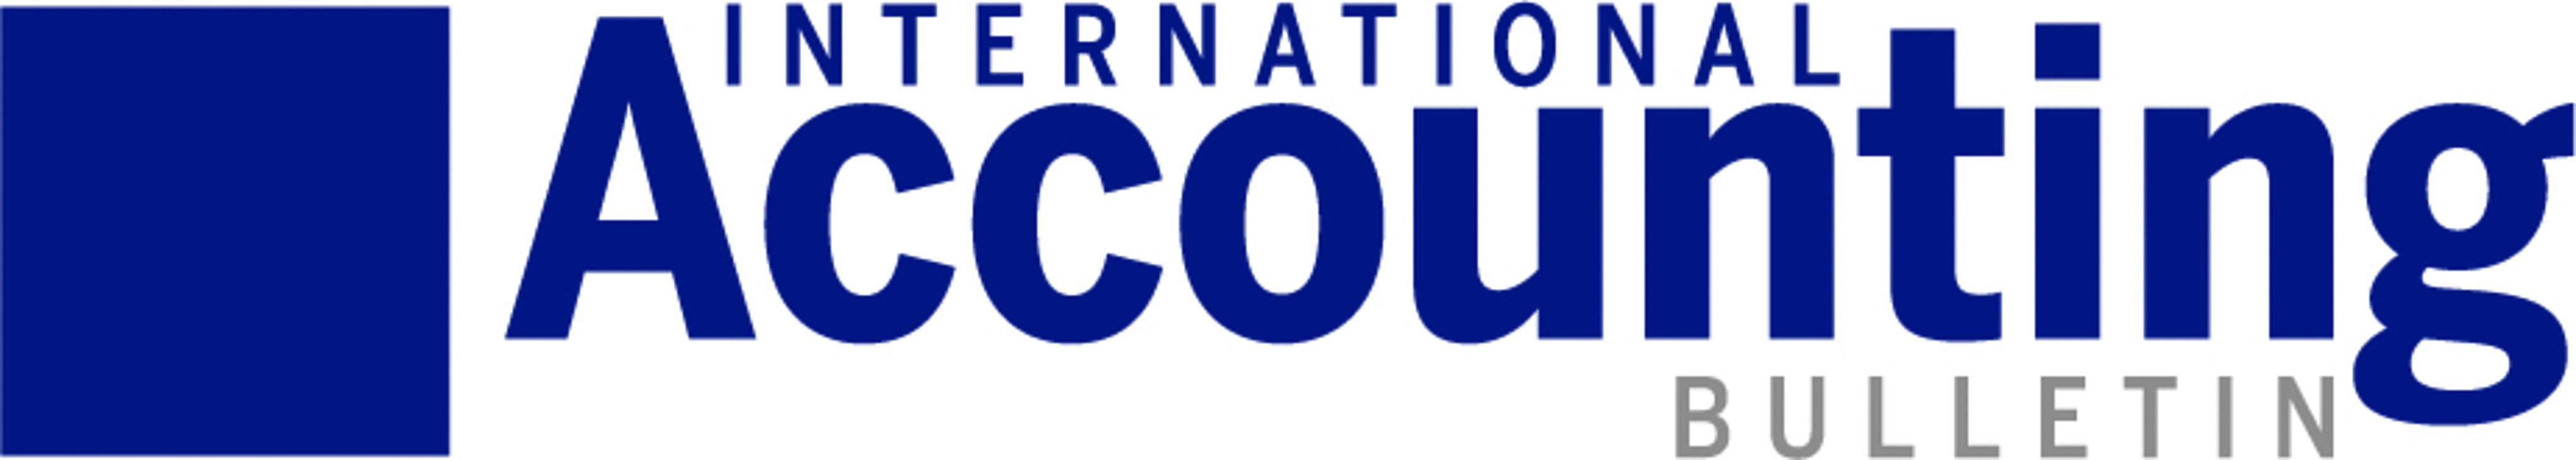 كتاب المحاسبة الدولية , كتاب المحاسبة الدولية باللغة العربية , كتاب المحاسبة الدولية باللغة الانجليزية